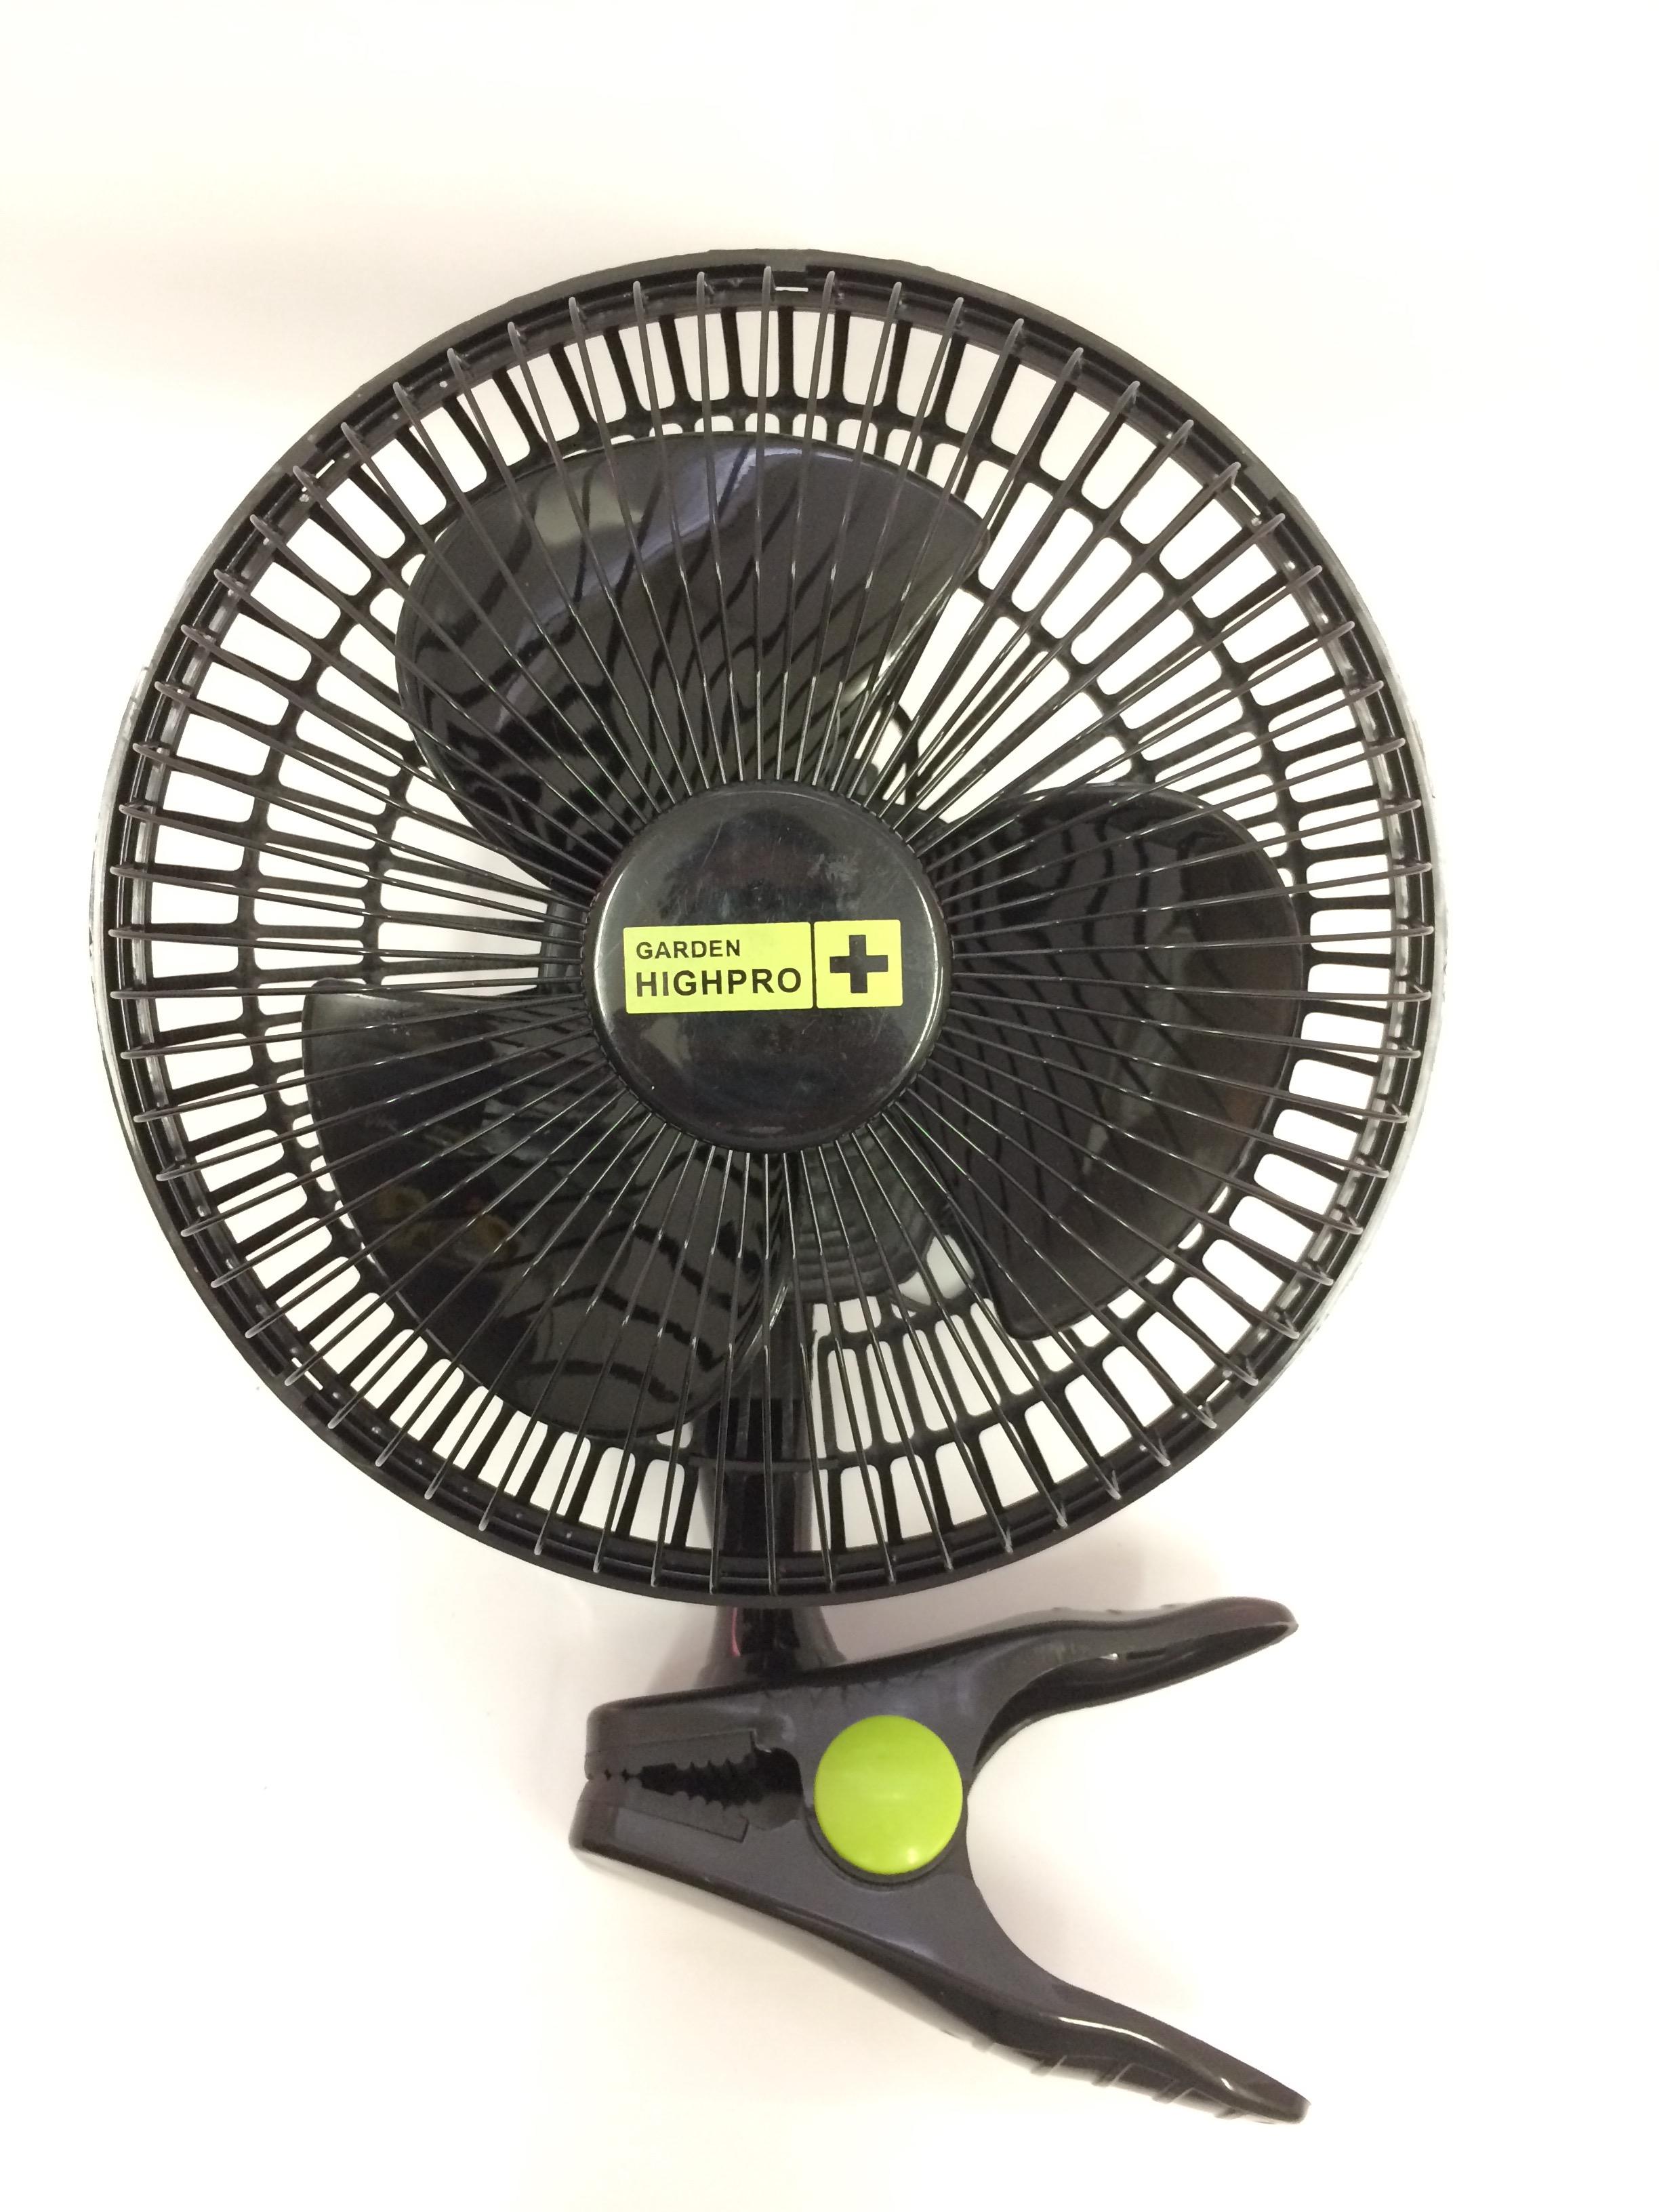 Ventilátor Garden Highpro 15 cm klipsnový 15 W 200 m3/h